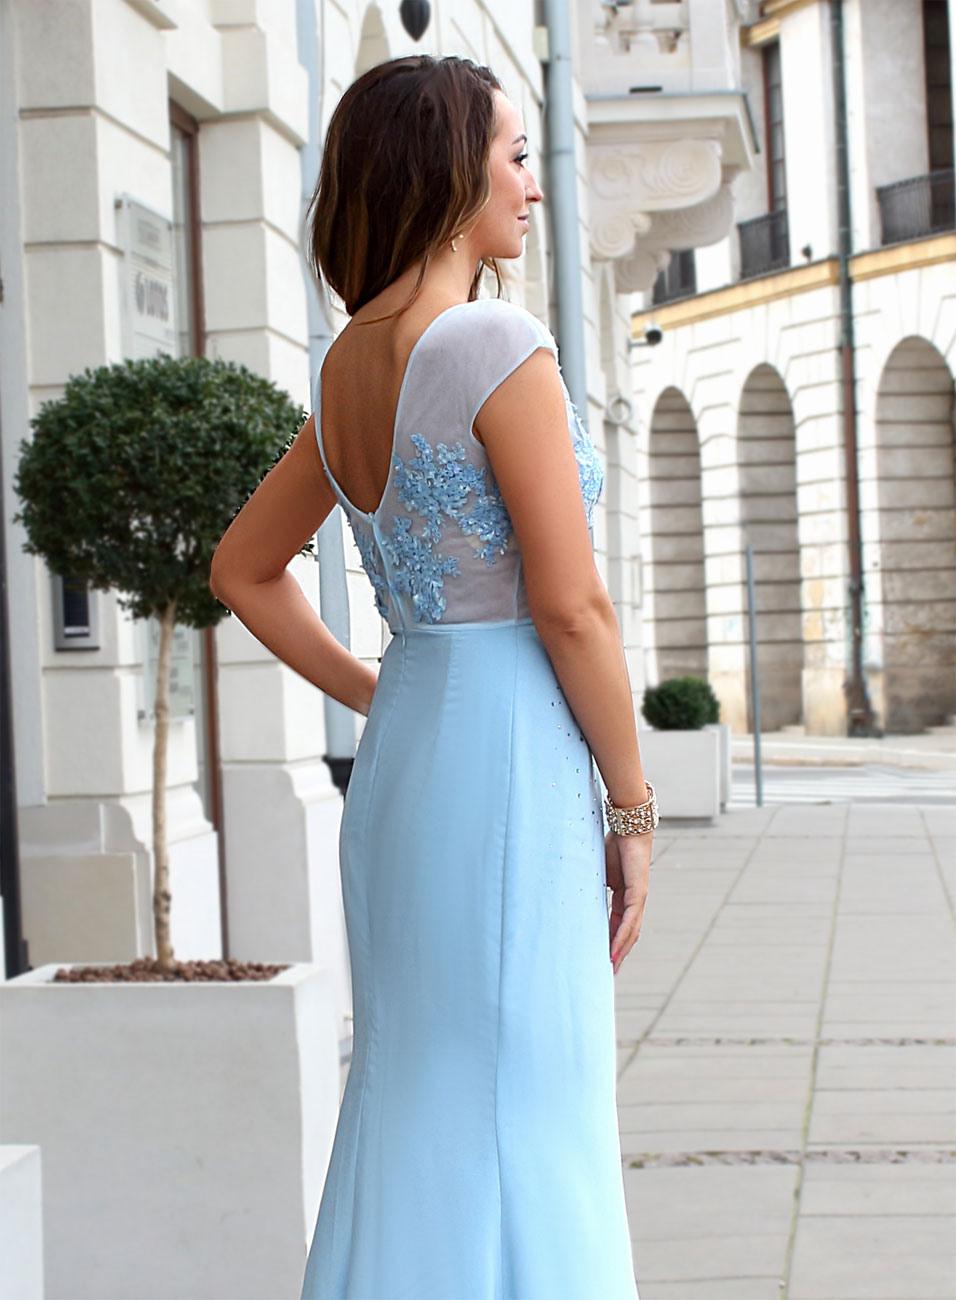 Designer Schön Hellblaues Abendkleid Lang Spezialgebiet20 Einzigartig Hellblaues Abendkleid Lang Spezialgebiet